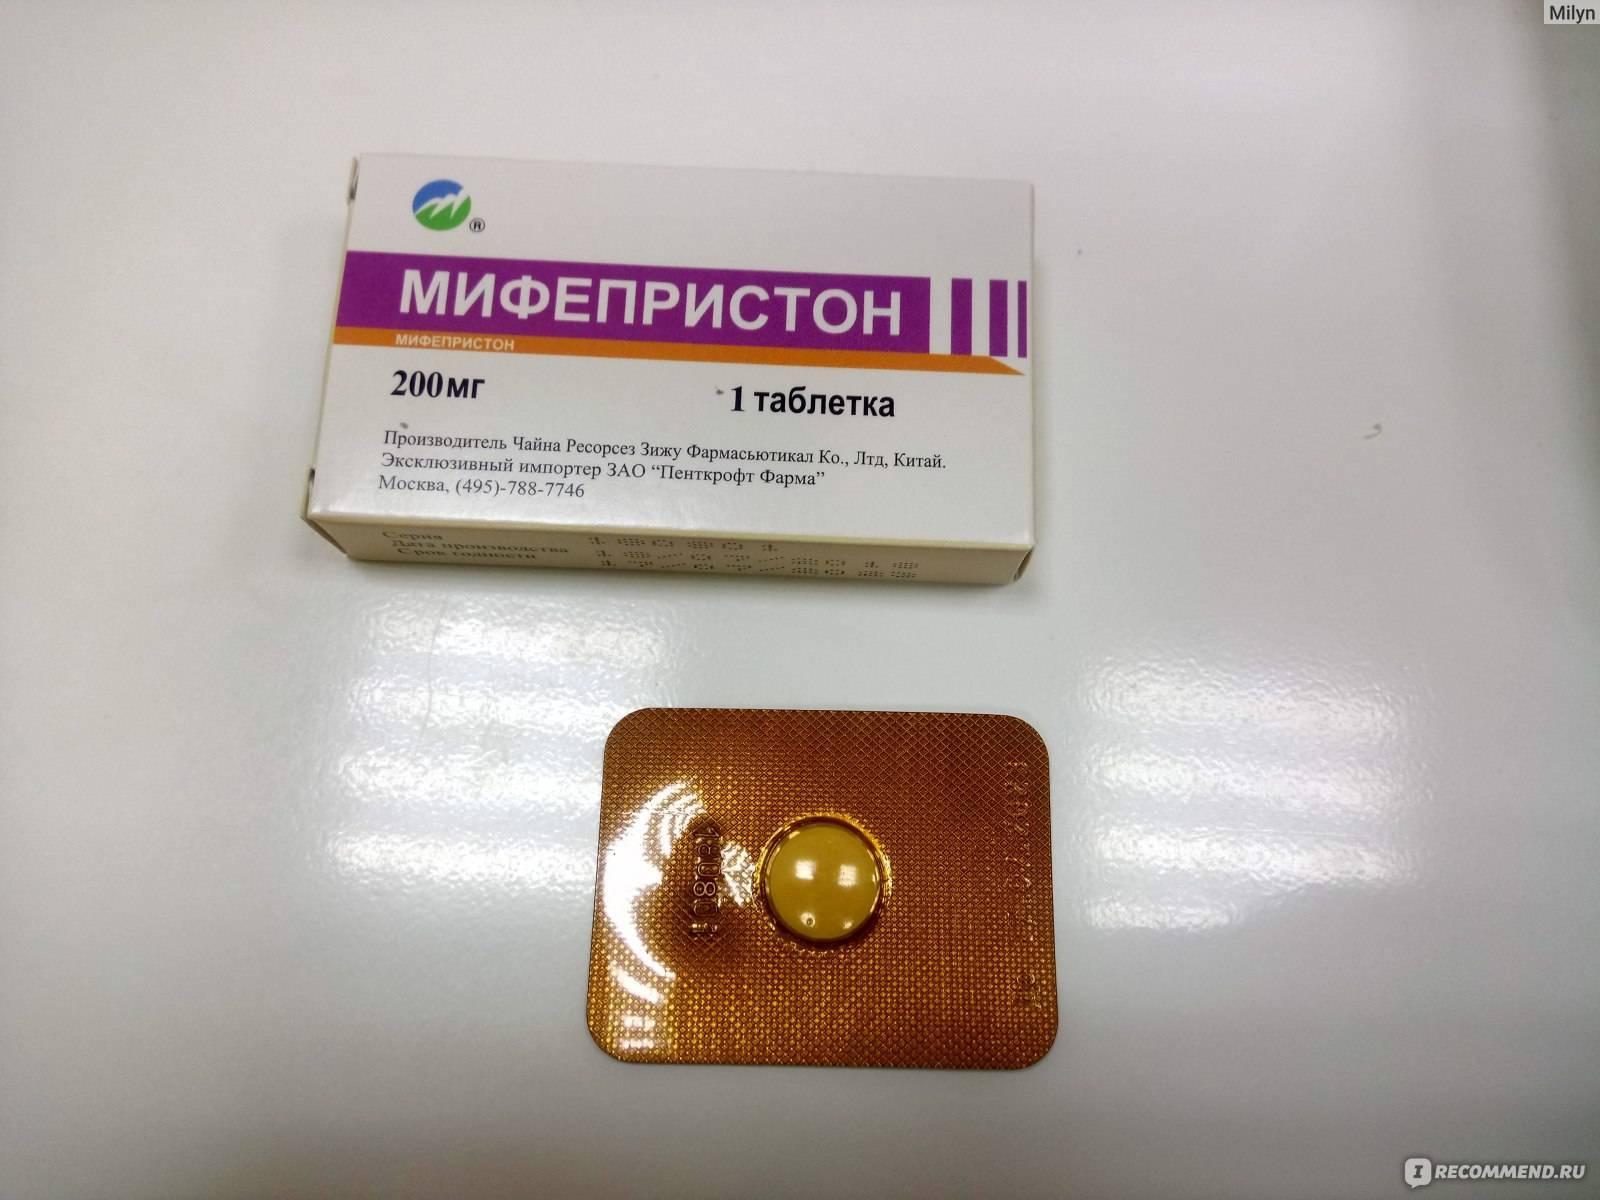 Препарат мифепристон для прерывания беременности: инструкция по применению